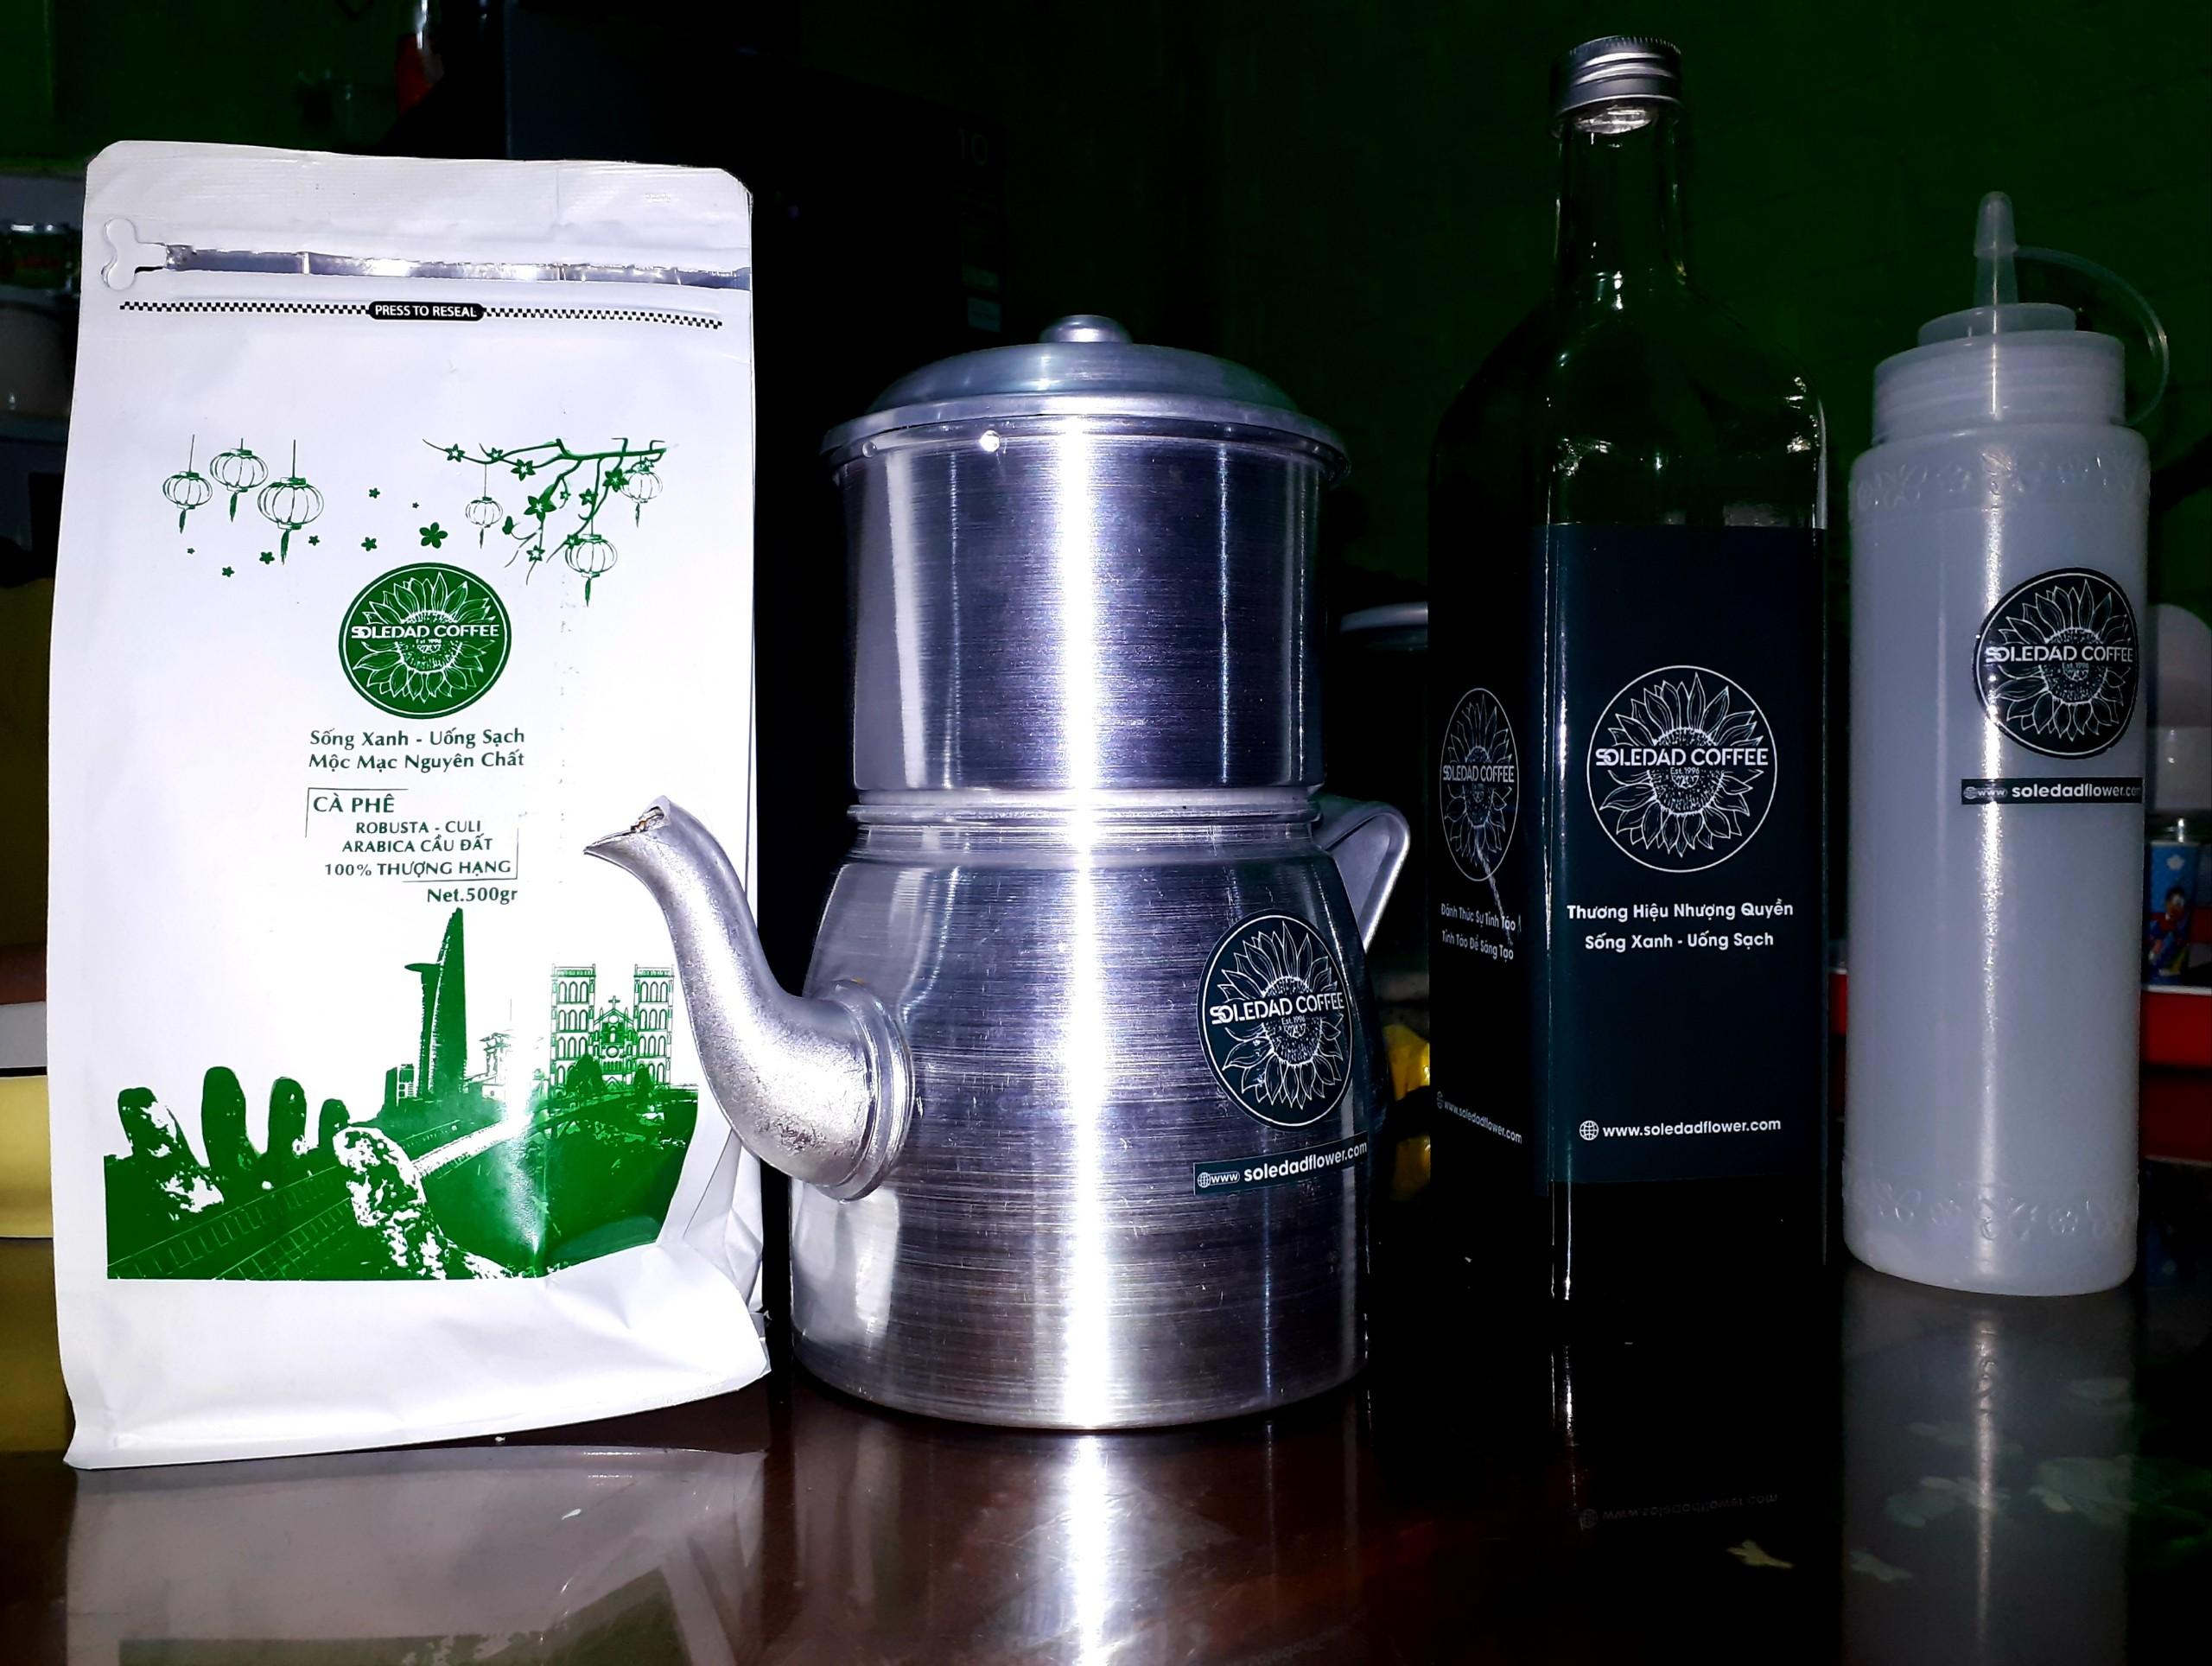 Cà phê rang xay mộc nguyên chất